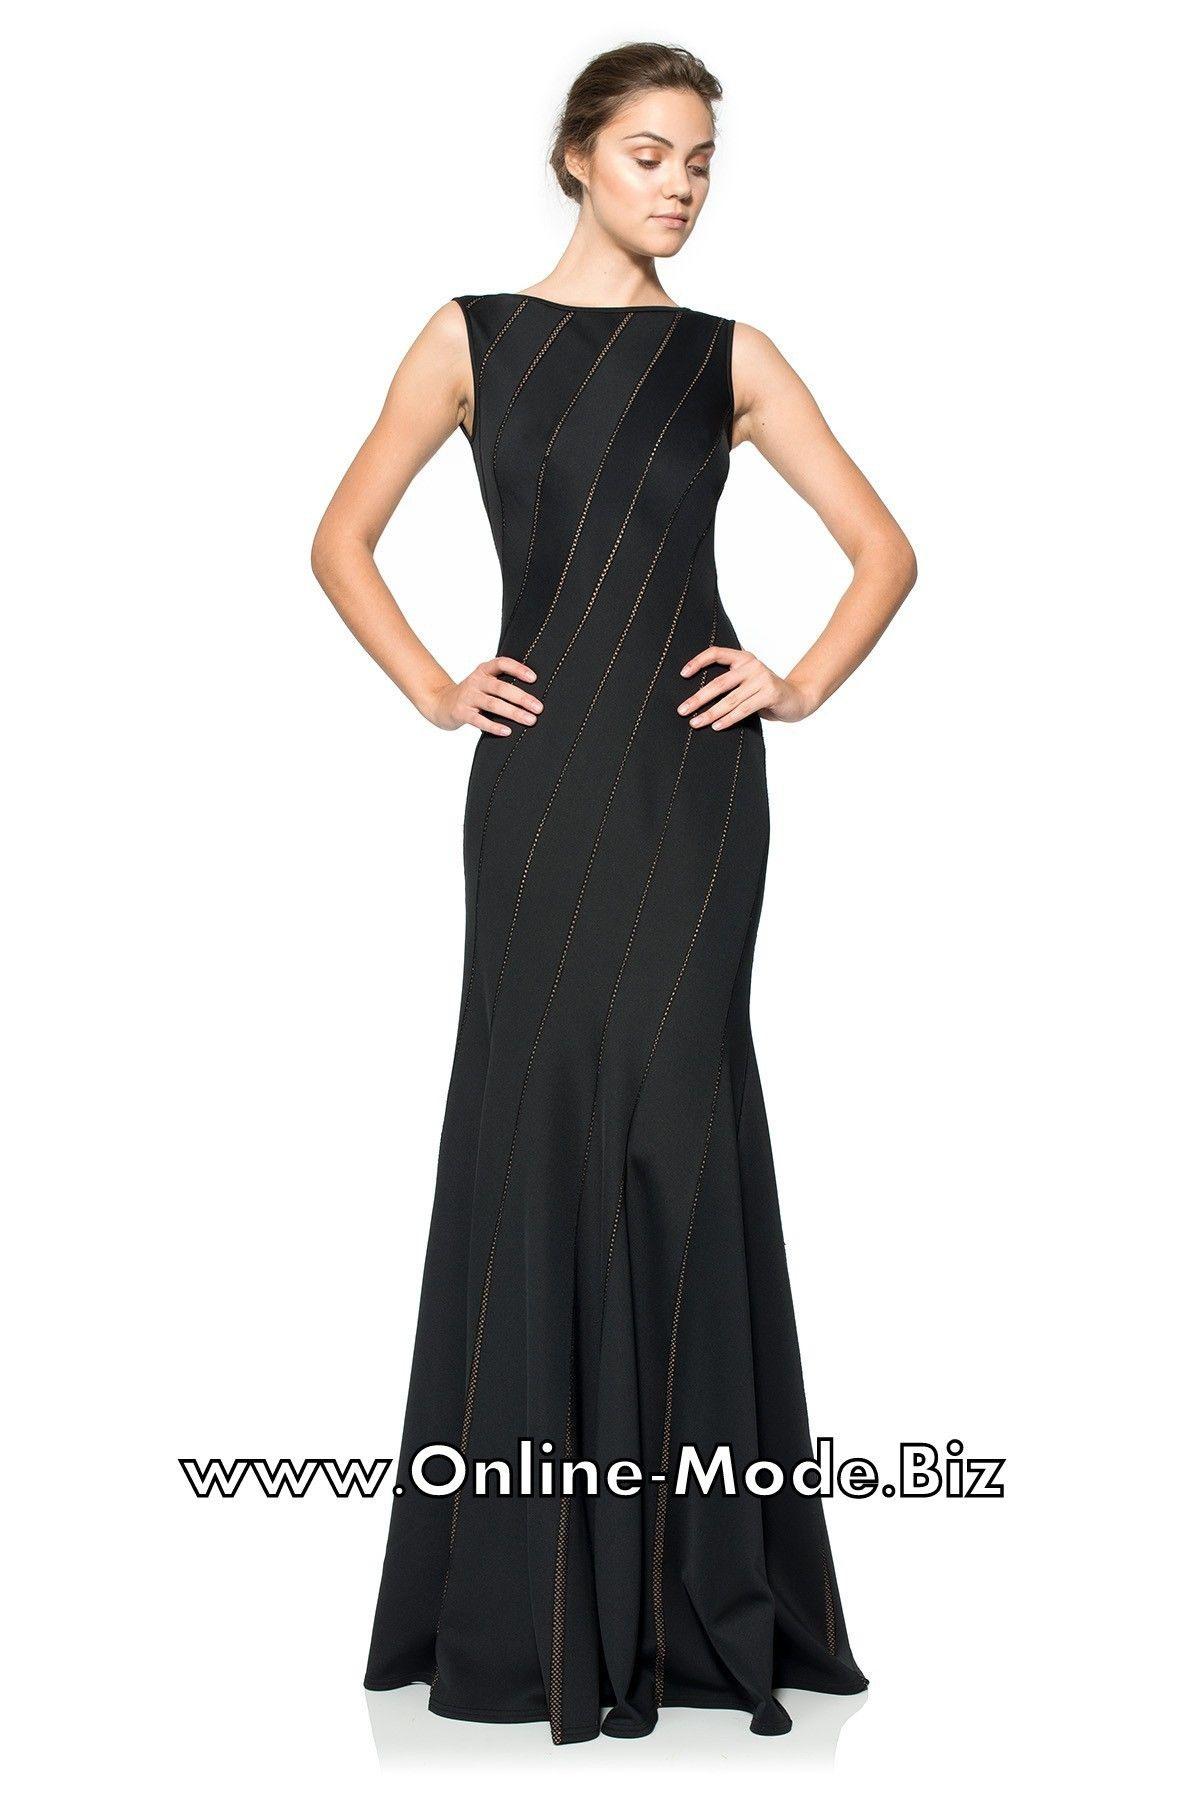 Designer Top Abendkleider Xxl Online Bestellen Spezialgebiet10 Leicht Abendkleider Xxl Online Bestellen Boutique